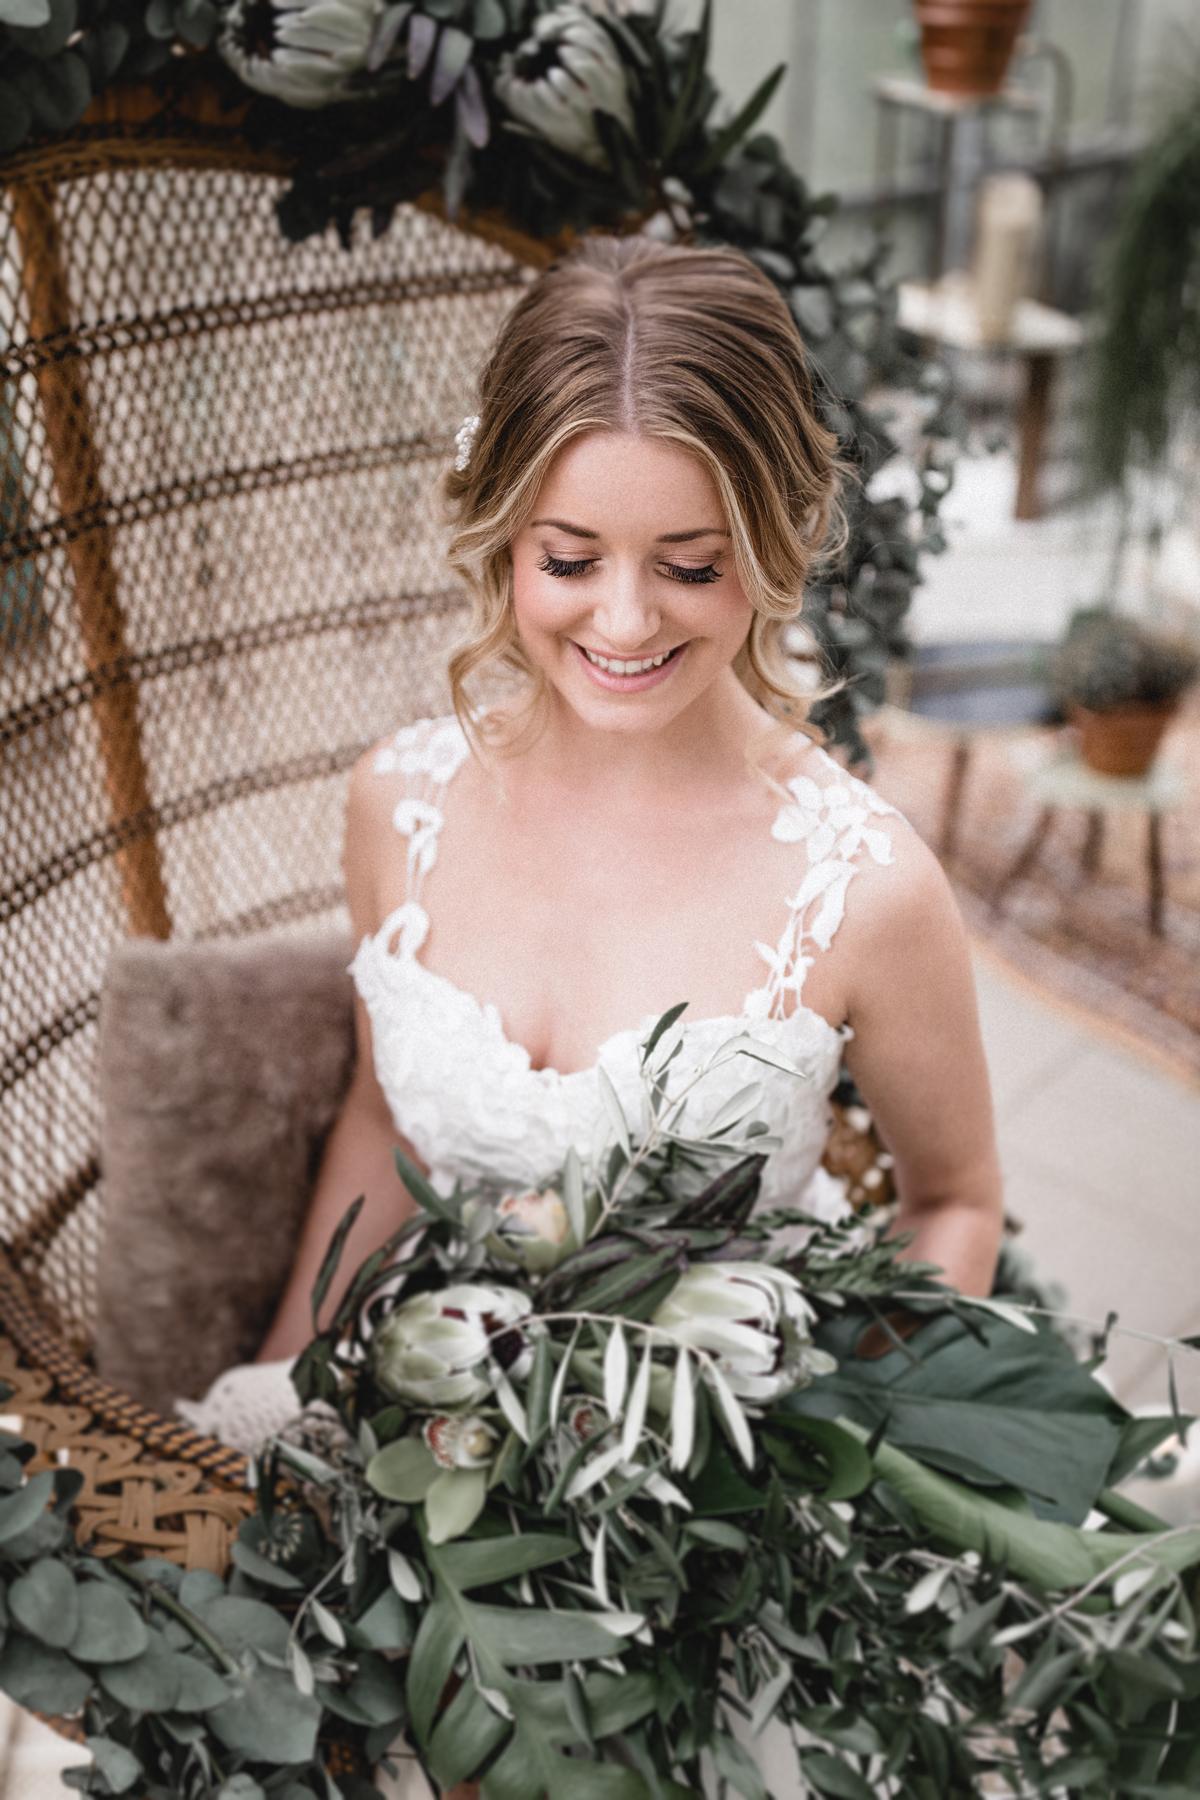 Andreas_Nusch_Hochzeitsfotografie_Brautshooting_2017_JA-Hochzeitsshop_0099